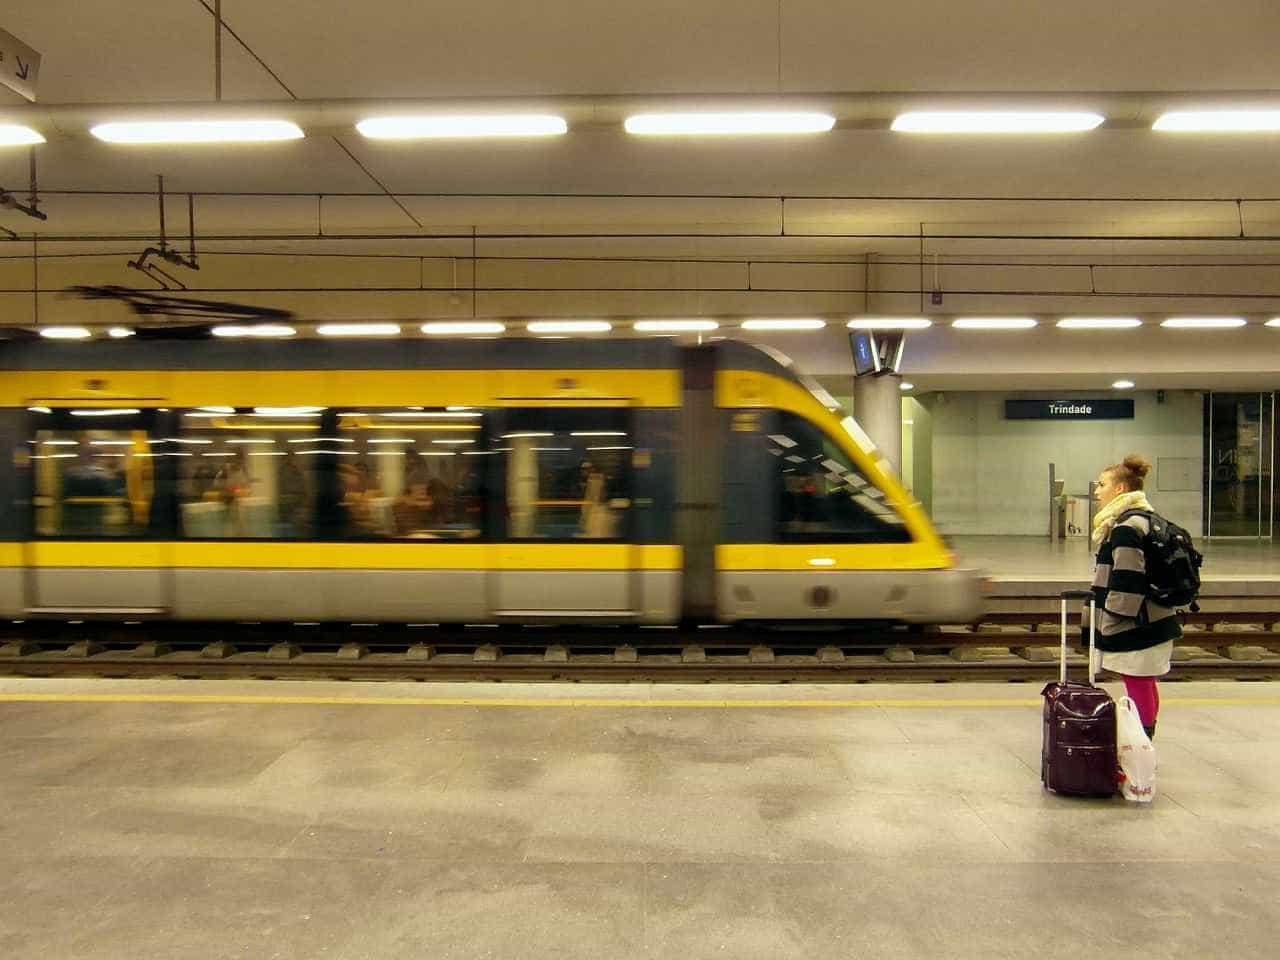 Porto pedem reforço de serviços para acautelar adesão ao passe único